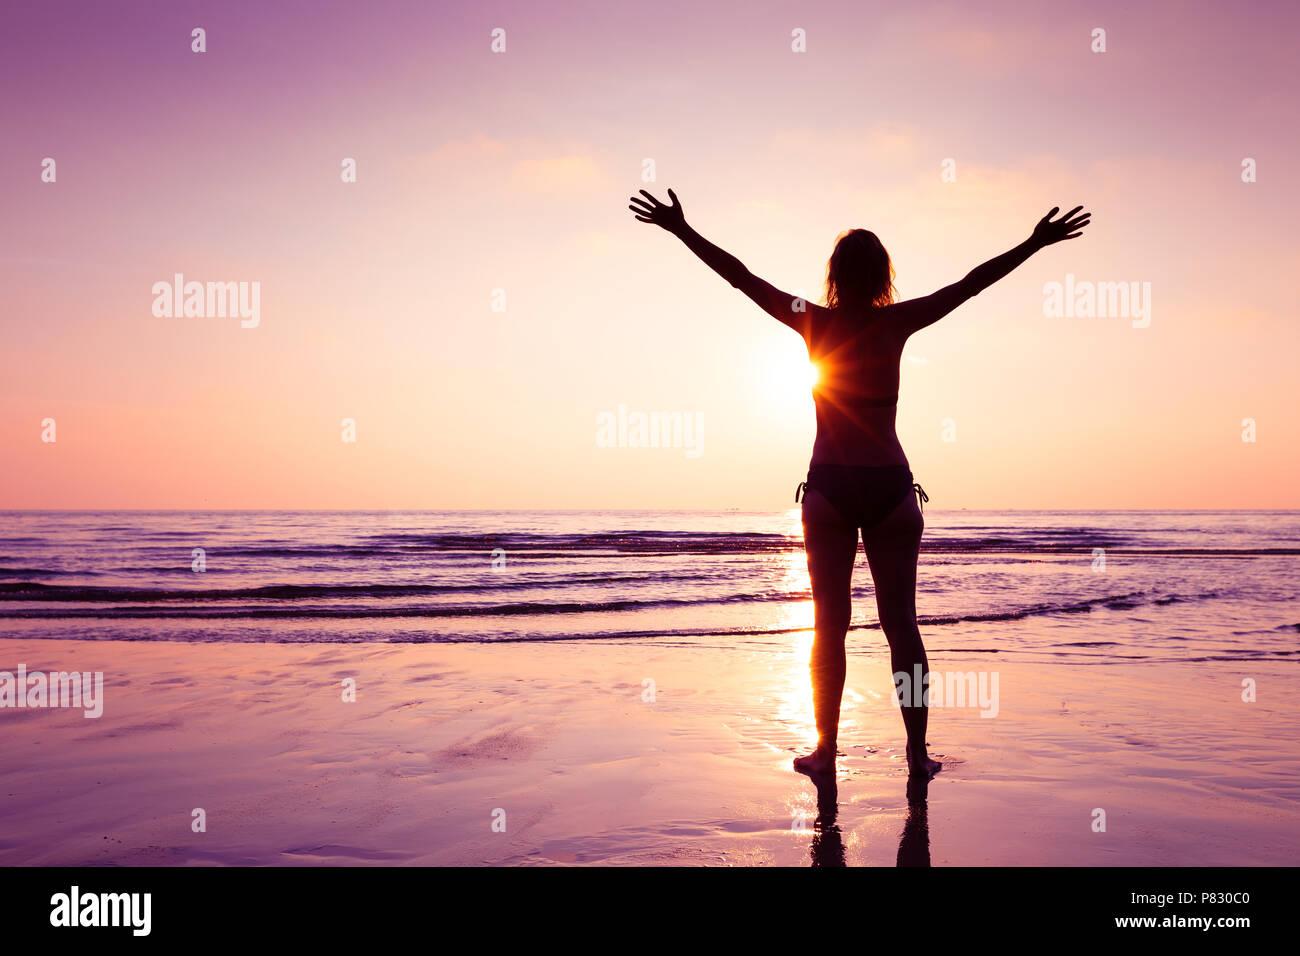 Gerne fröhliche Frau Verbreitung Hände am Strand bei Sonnenuntergang, freundliche Emotion und Achtsamkeit, Balance, eingedenk Denken Stockbild